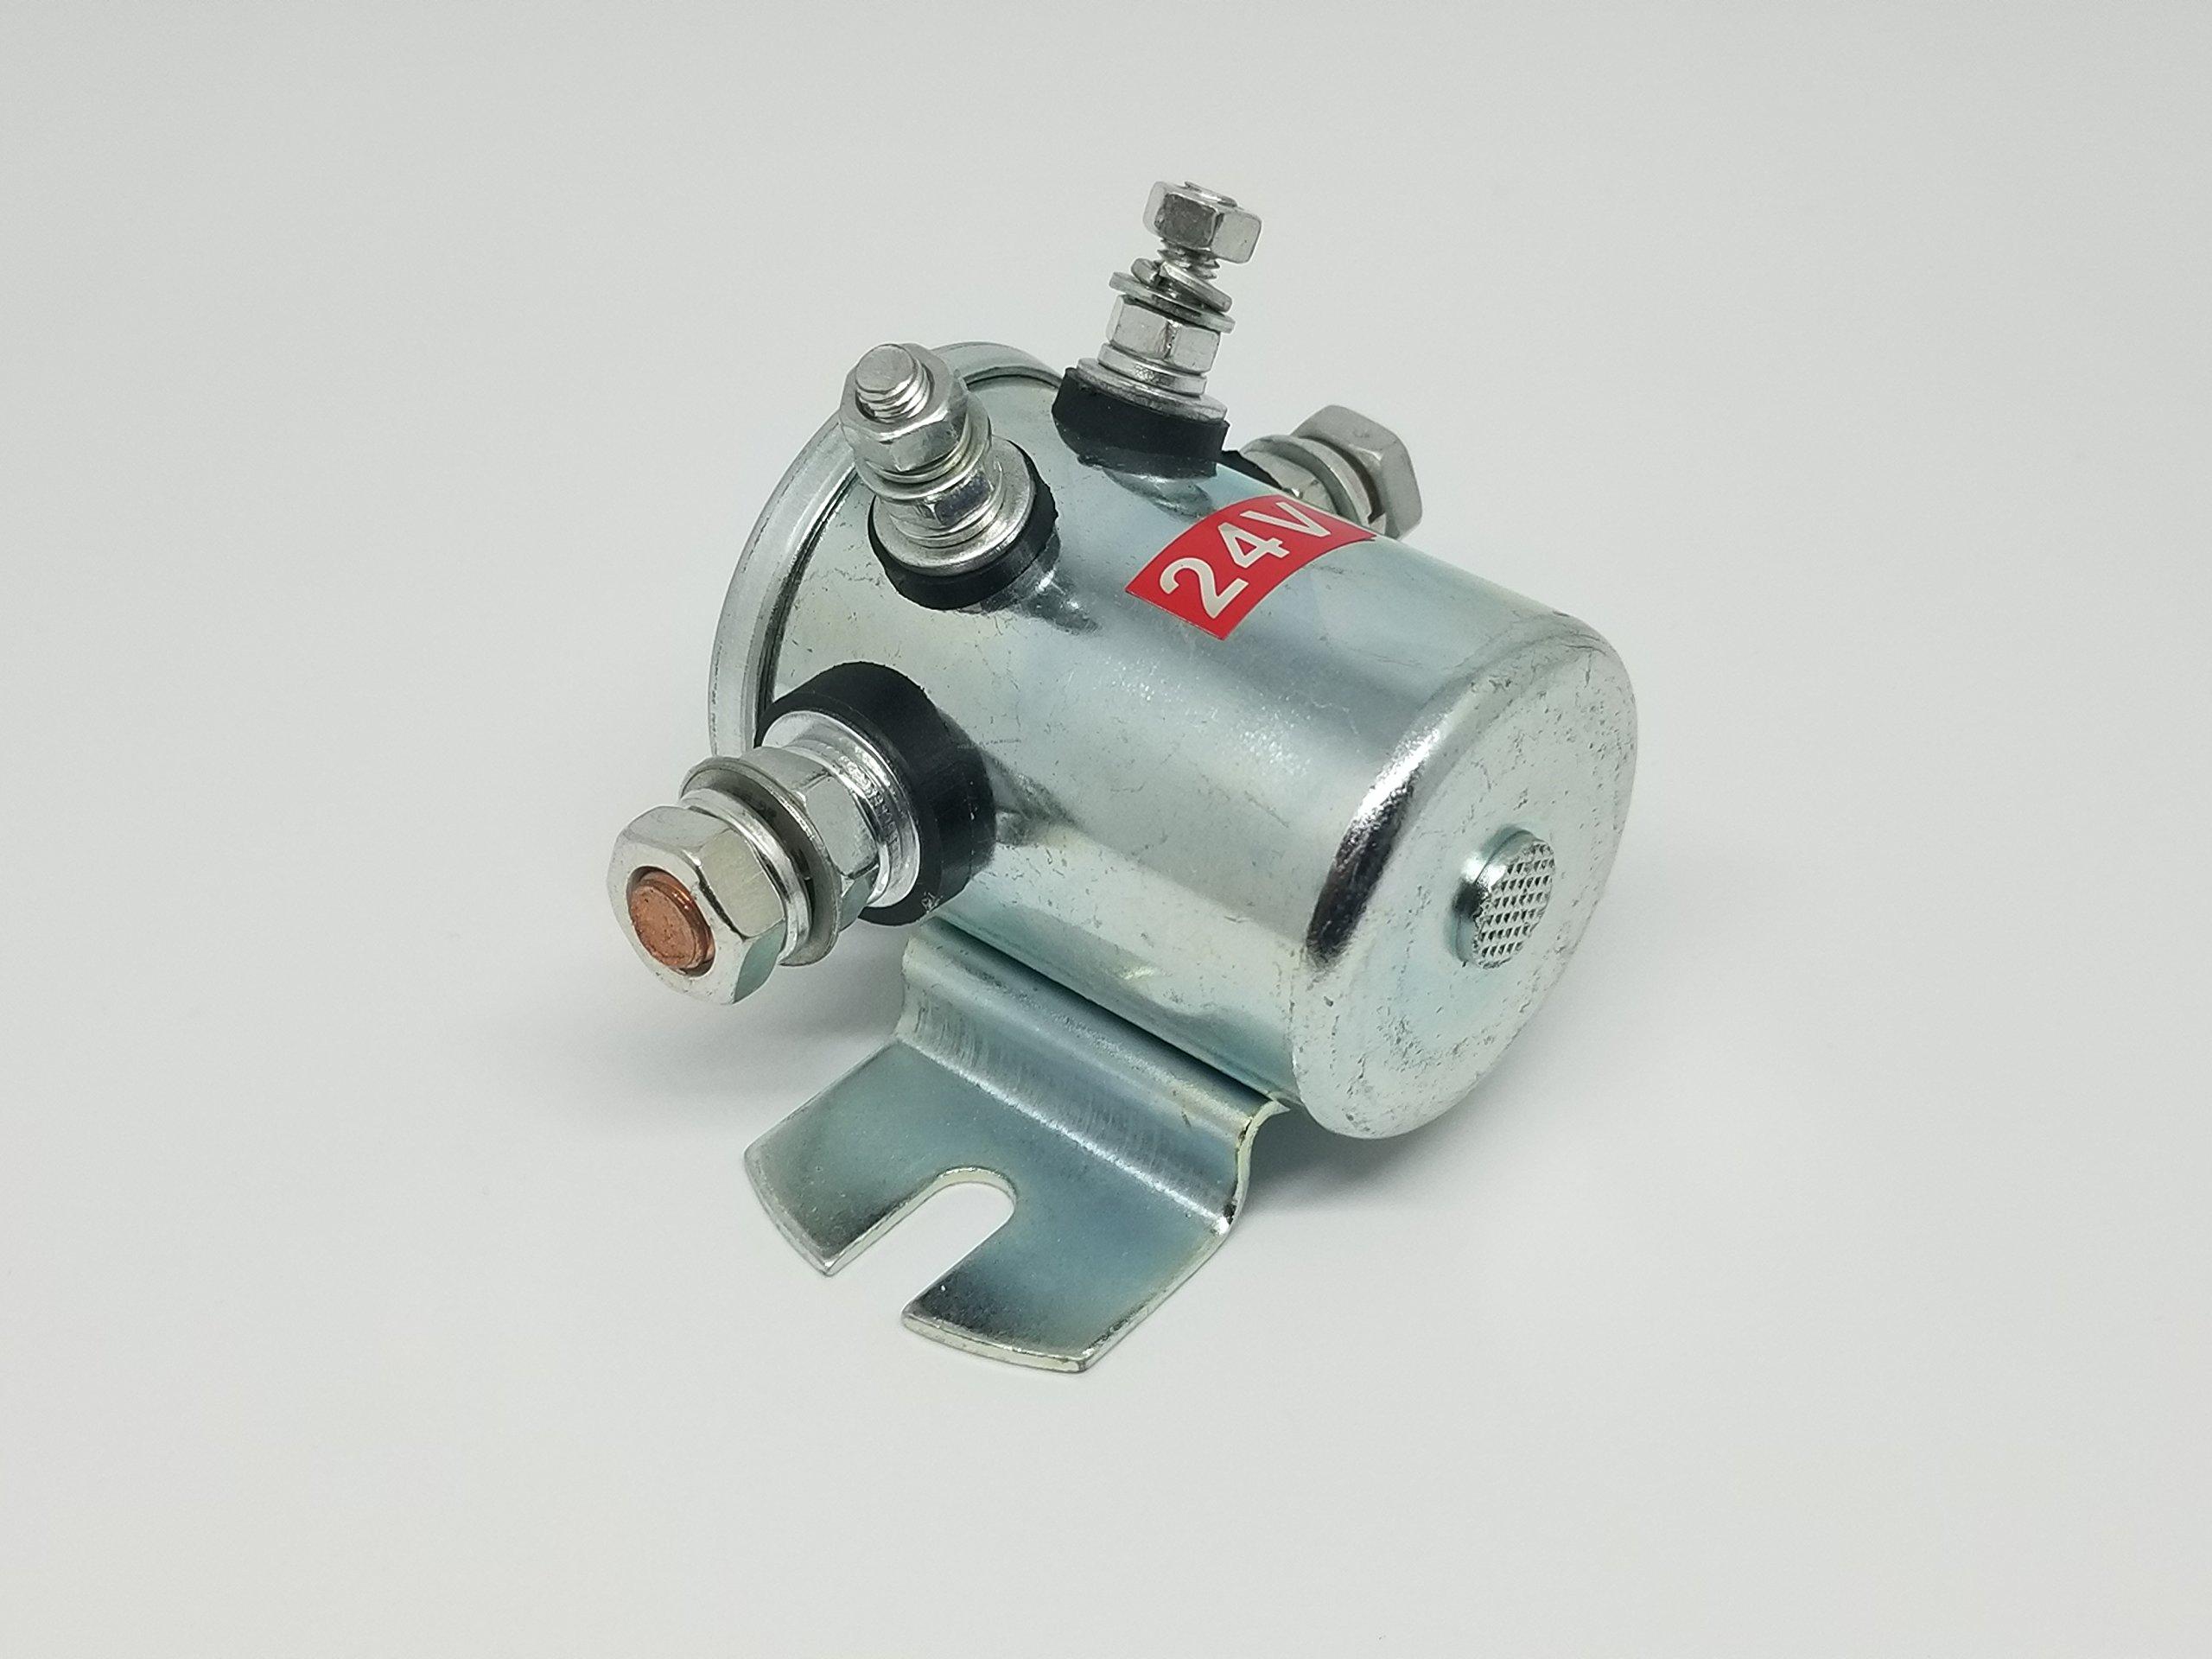 3740073 Relay, 24V   Fits JLG by PartsFlo